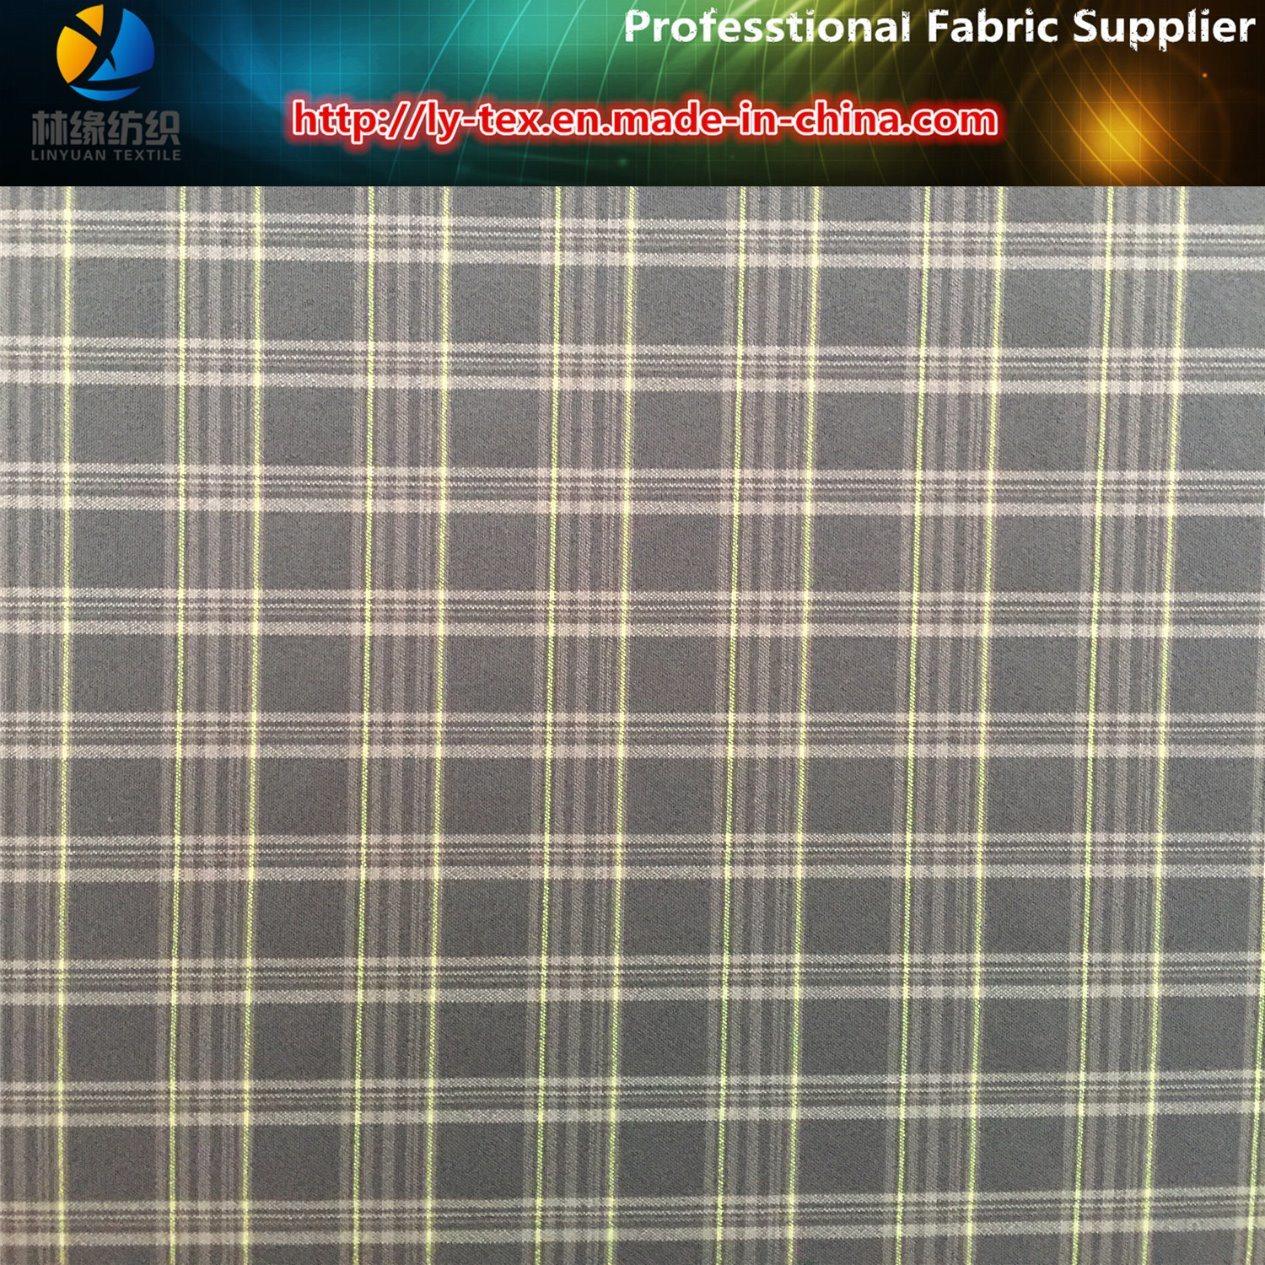 Breathable Nylon/Spandex Yarn Dyed Fabric for Sportswear